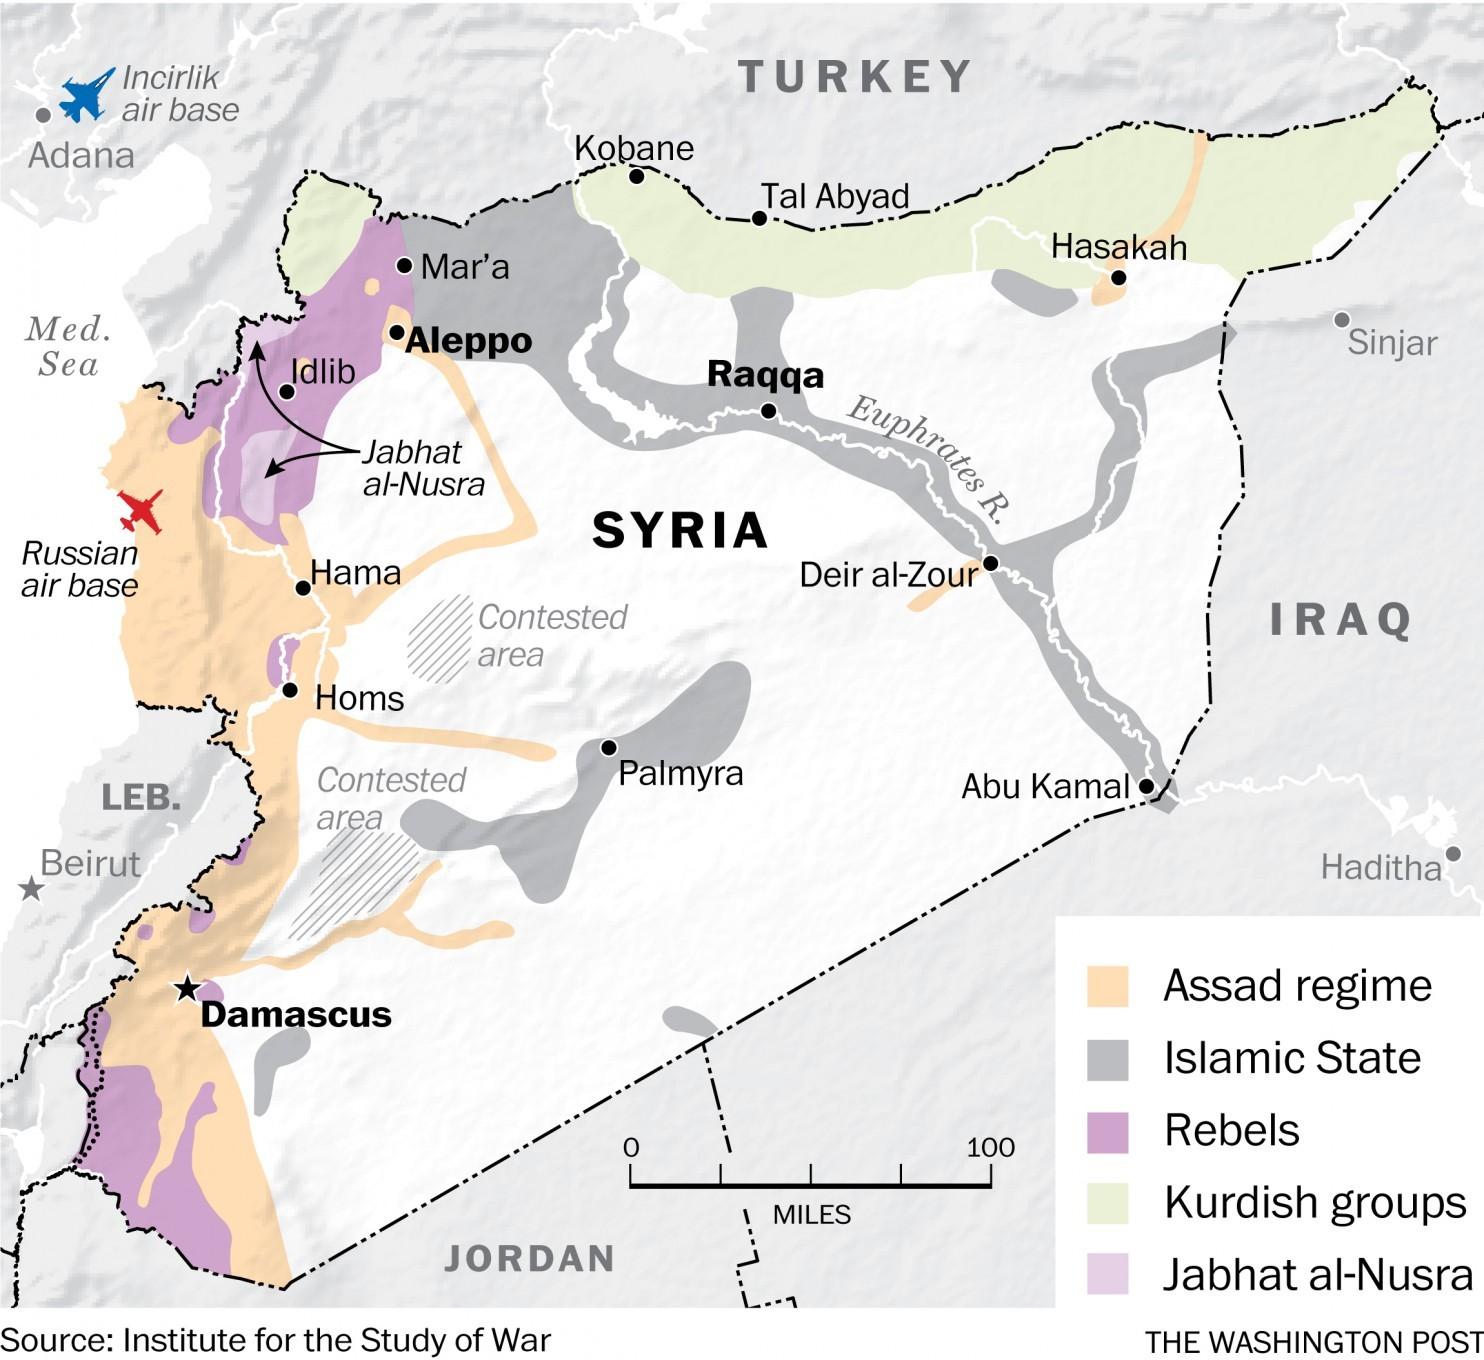 JAV pradeda savo invaziją Sirijoje